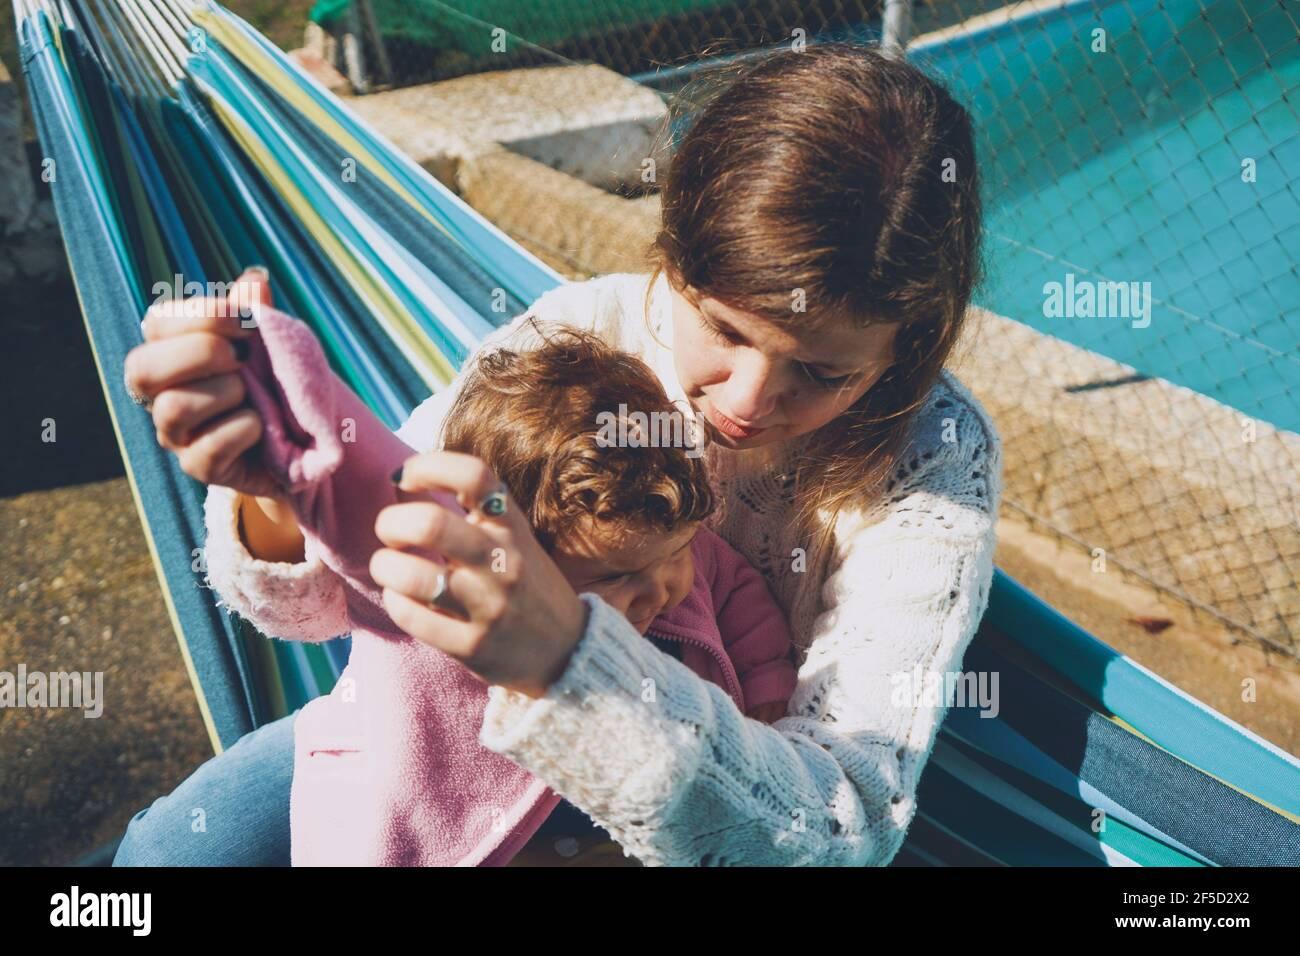 Mujer joven cuidando a su bebé sentado en una hamaca Foto de stock